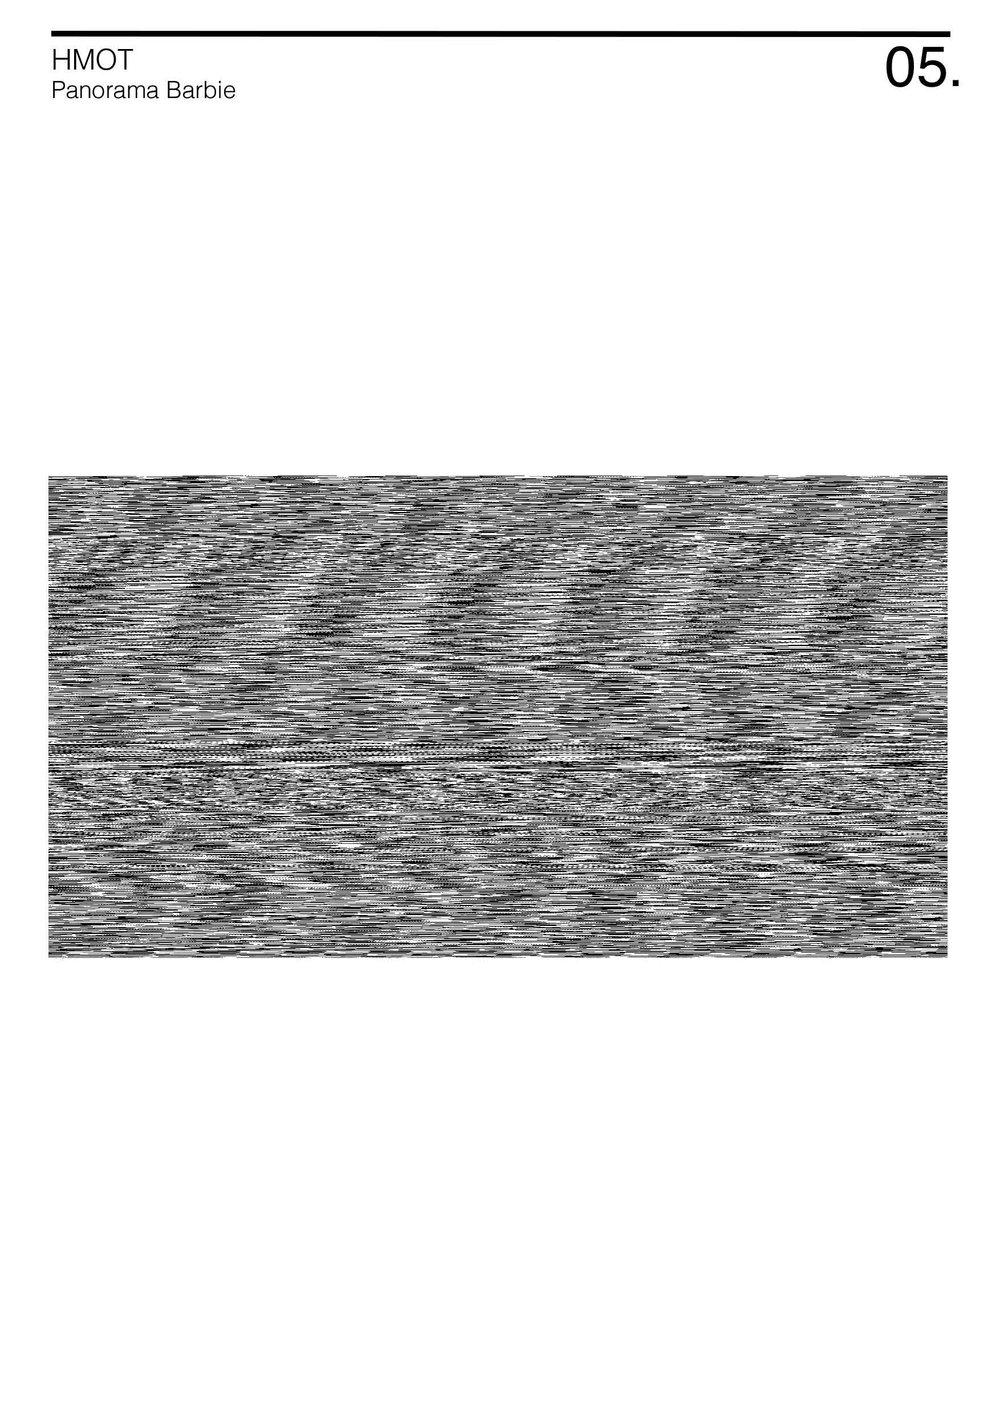 05.HMOT-PanoramaBarbie.jpg